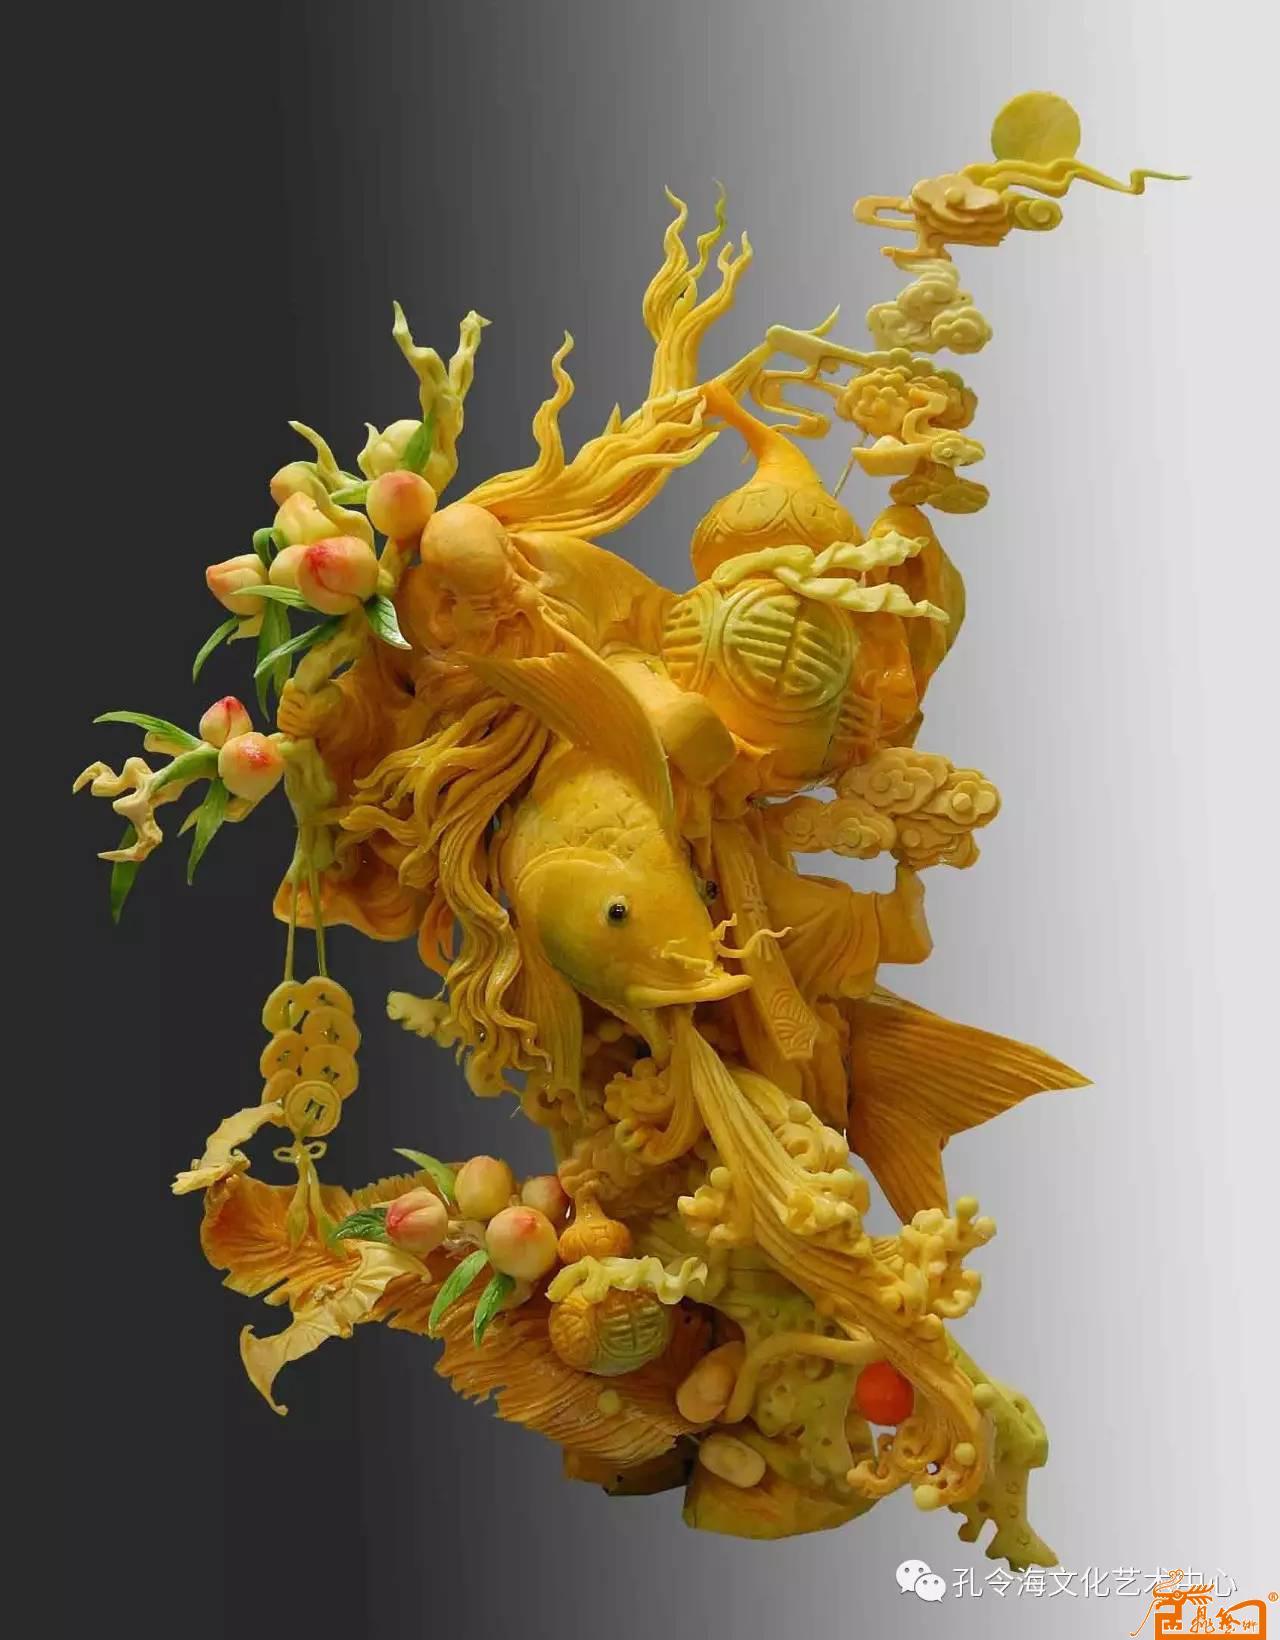 该作品相关信息 作品名称:                       食品雕刻人物作品